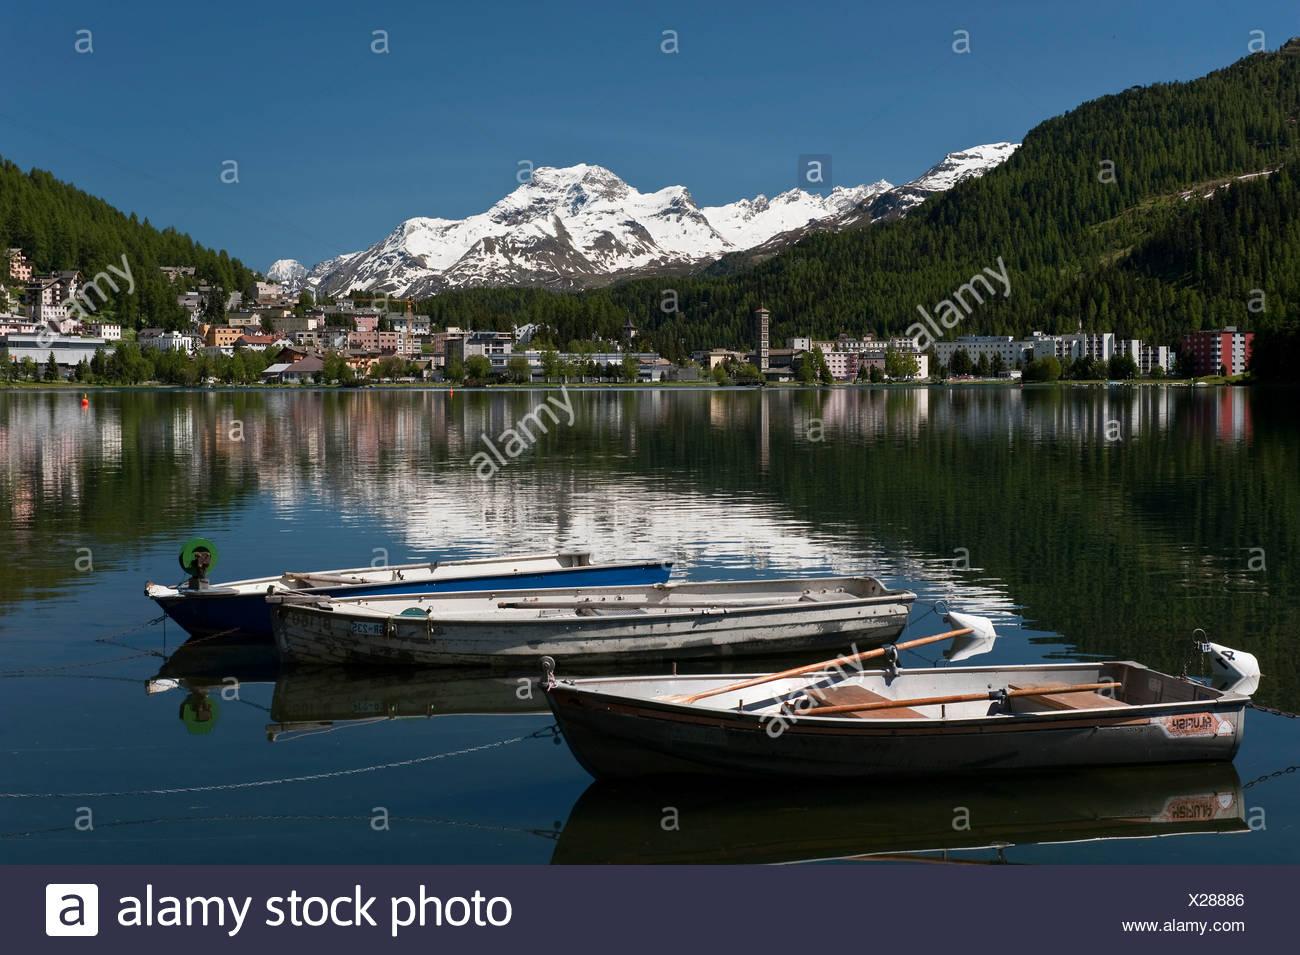 Lake St. Moritz, St. Moritz, Upper Engadine, Grisons, Switzerland, Europe Stock Photo